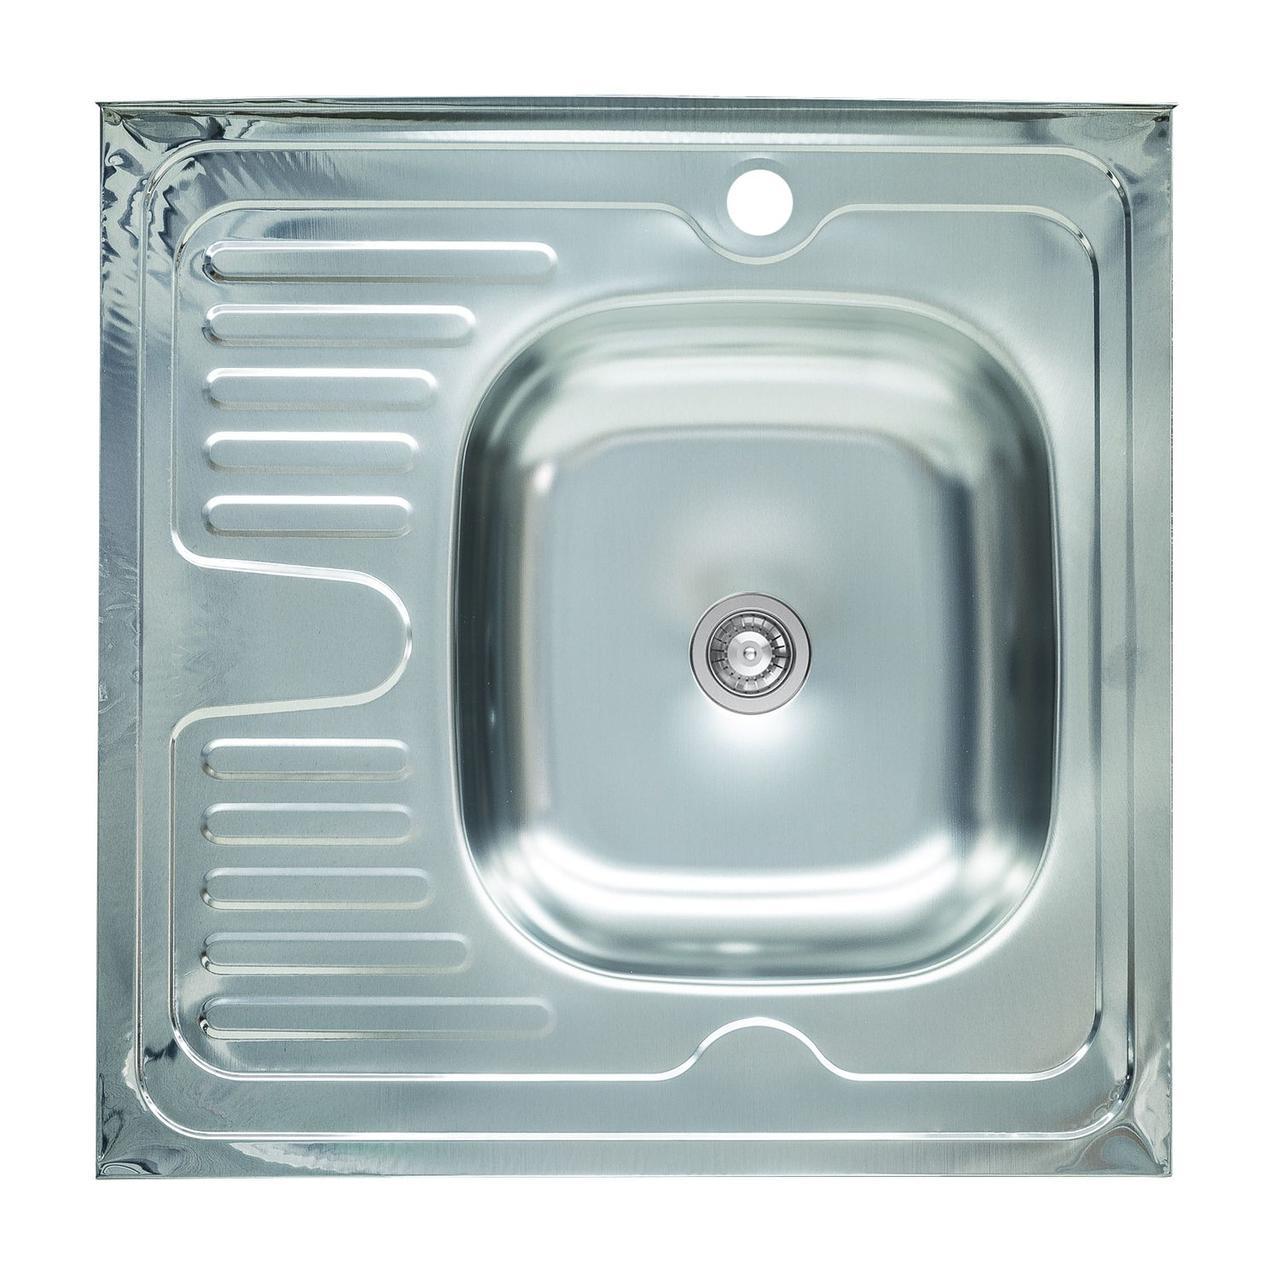 Мойка кухонная из нержавеющей стали Platinum 6060 R 0,4 / 120